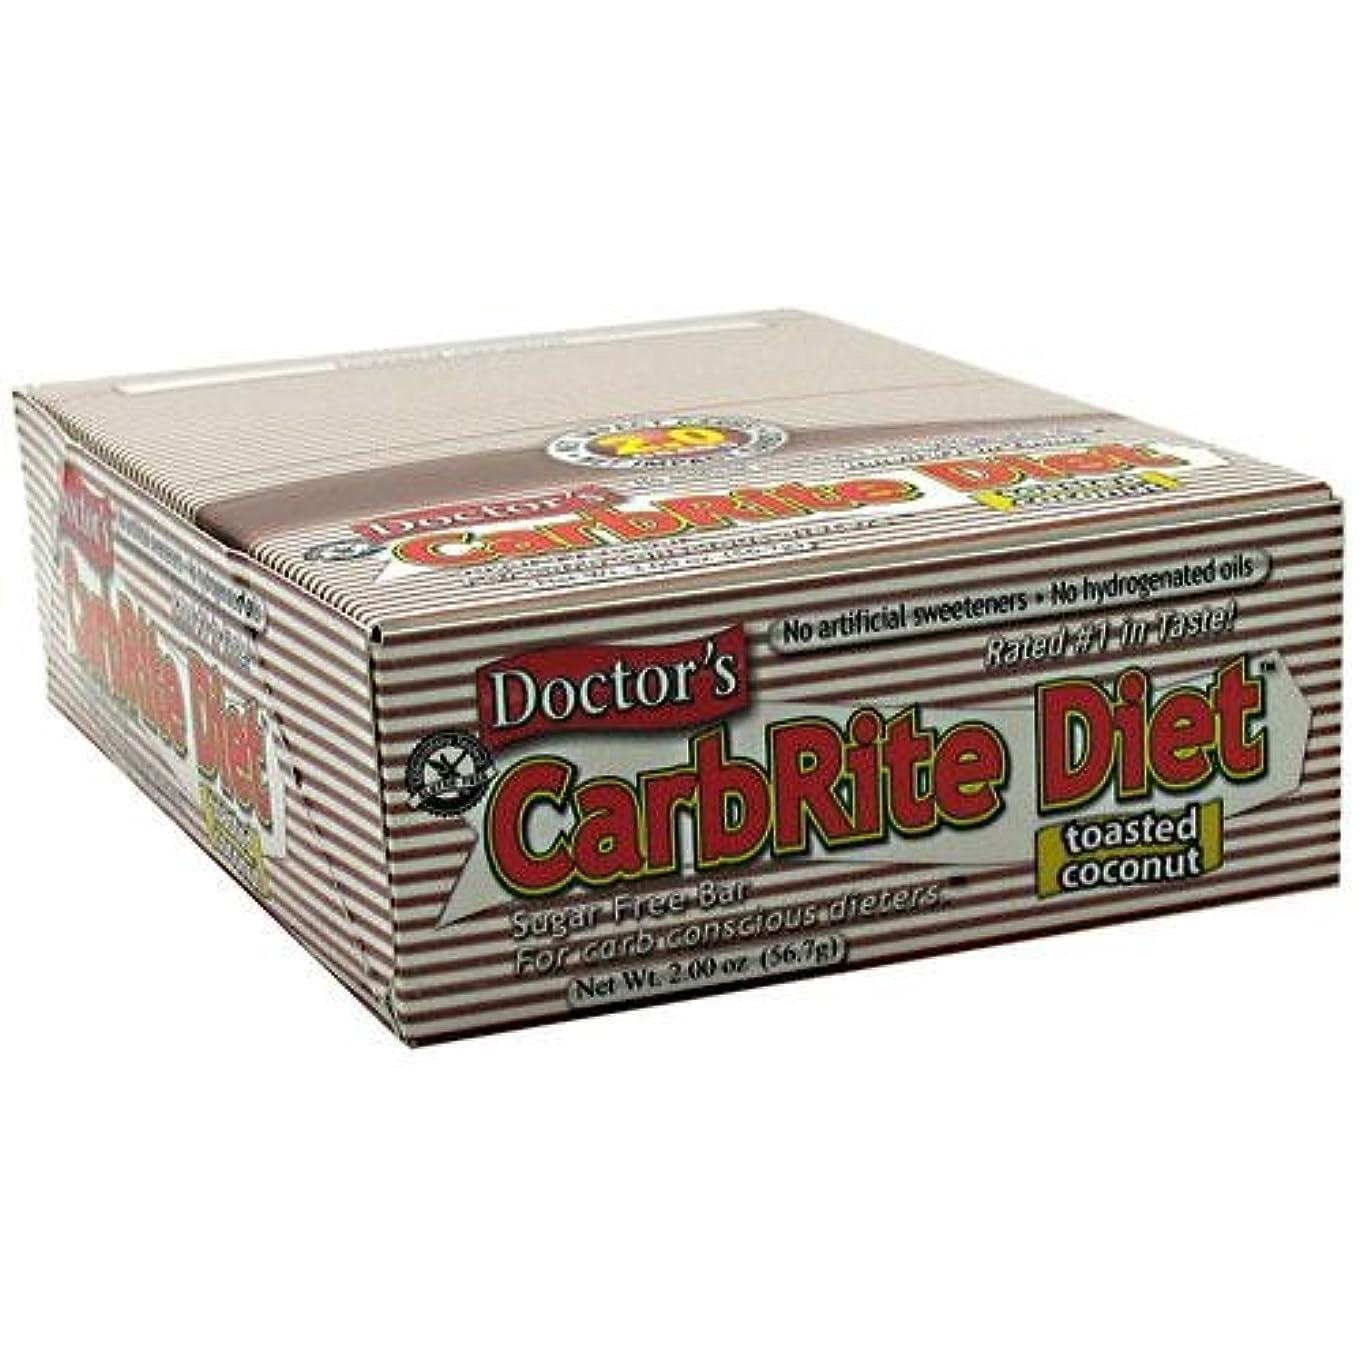 ビルフレキシブル平らにするDoctor's CarbRite Diet Toasted Coconut Bars, 2 oz, 12 count by Universal Nutrition